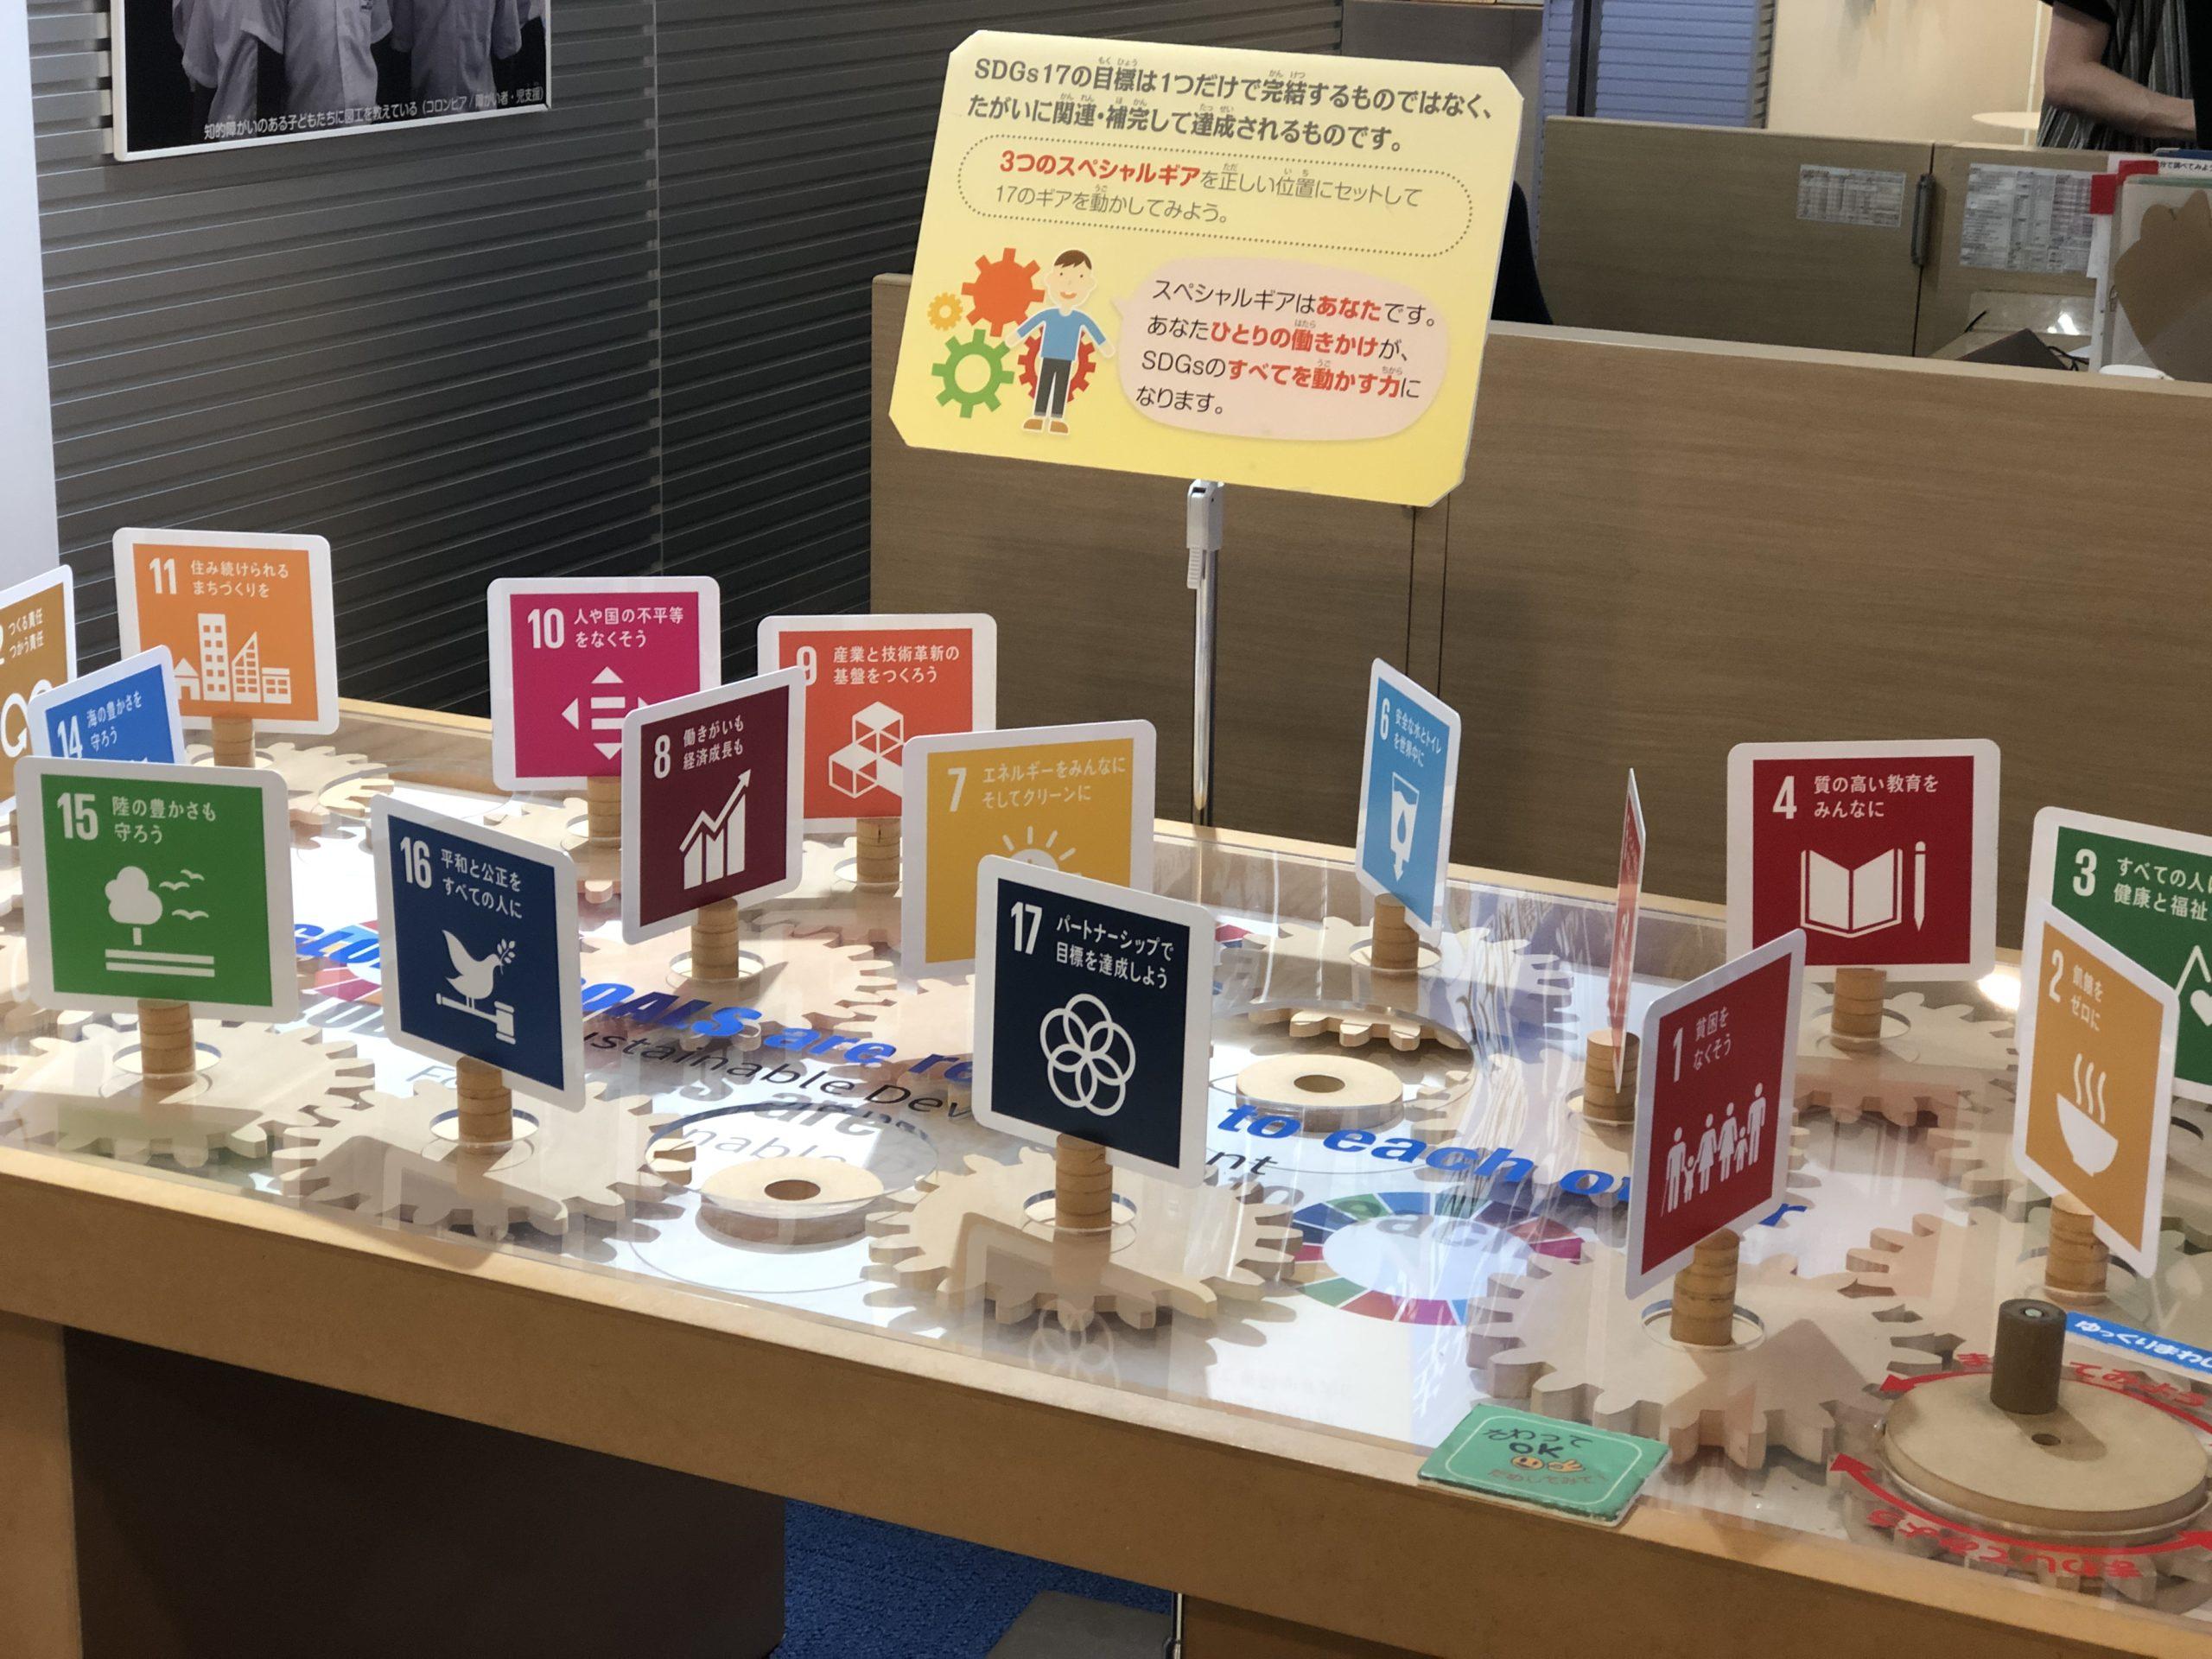 SDGsについて学べる『JICA地球ひろば』は、幼児教育にも小学校教育にもグローバル子育てとなるバイリンガル子育てにもオススメ!